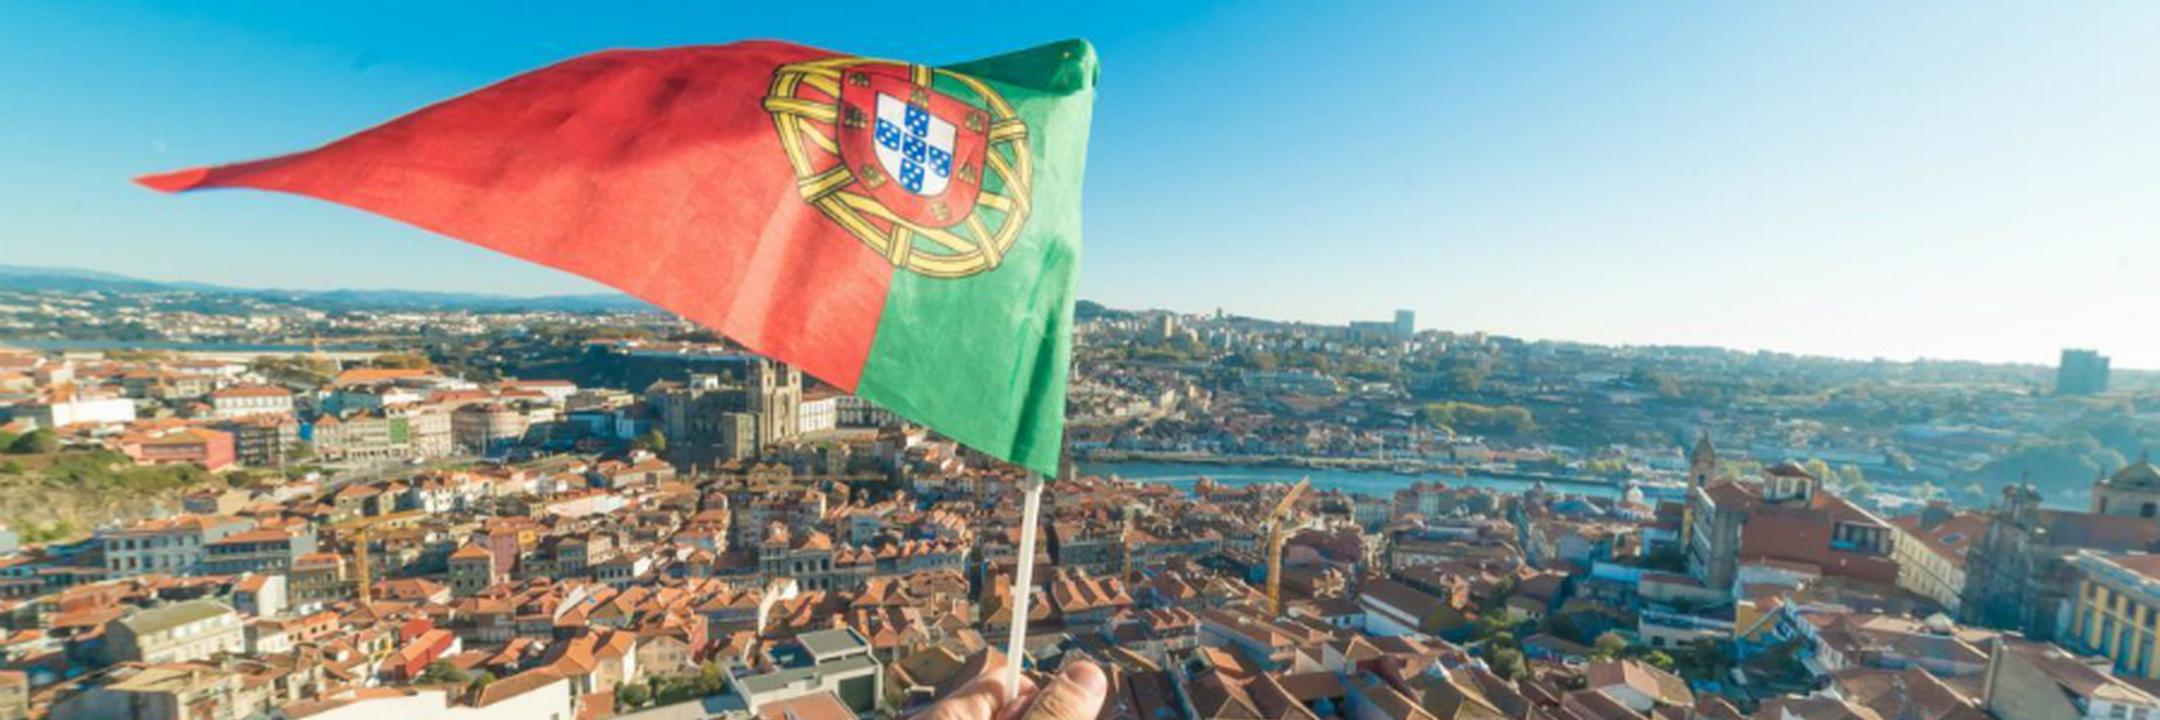 Há cada vez mais milionários espanhóis a mudar-se para Portugal e a culpa é dos impostos